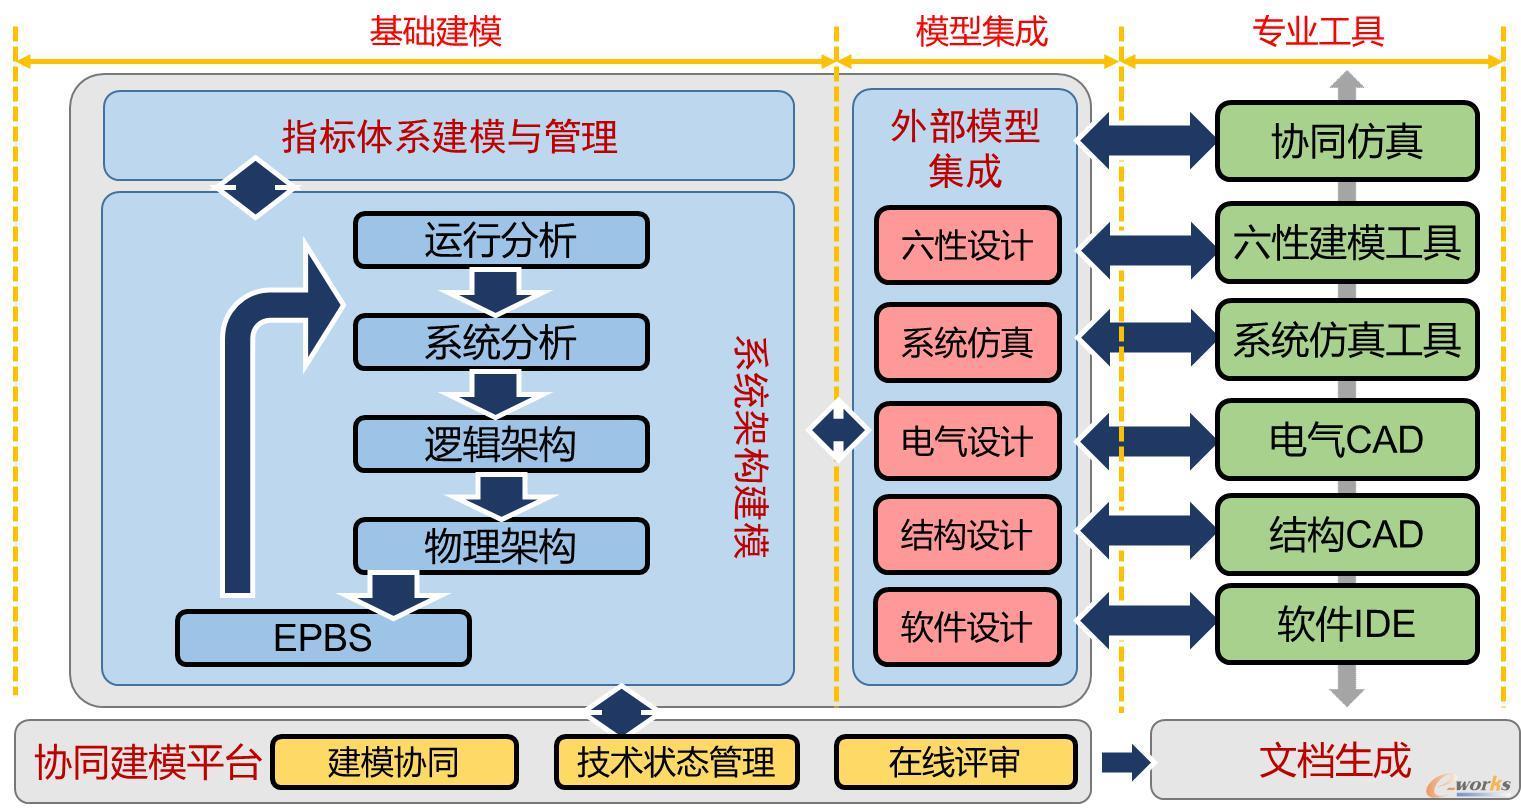 系统建模体验平台